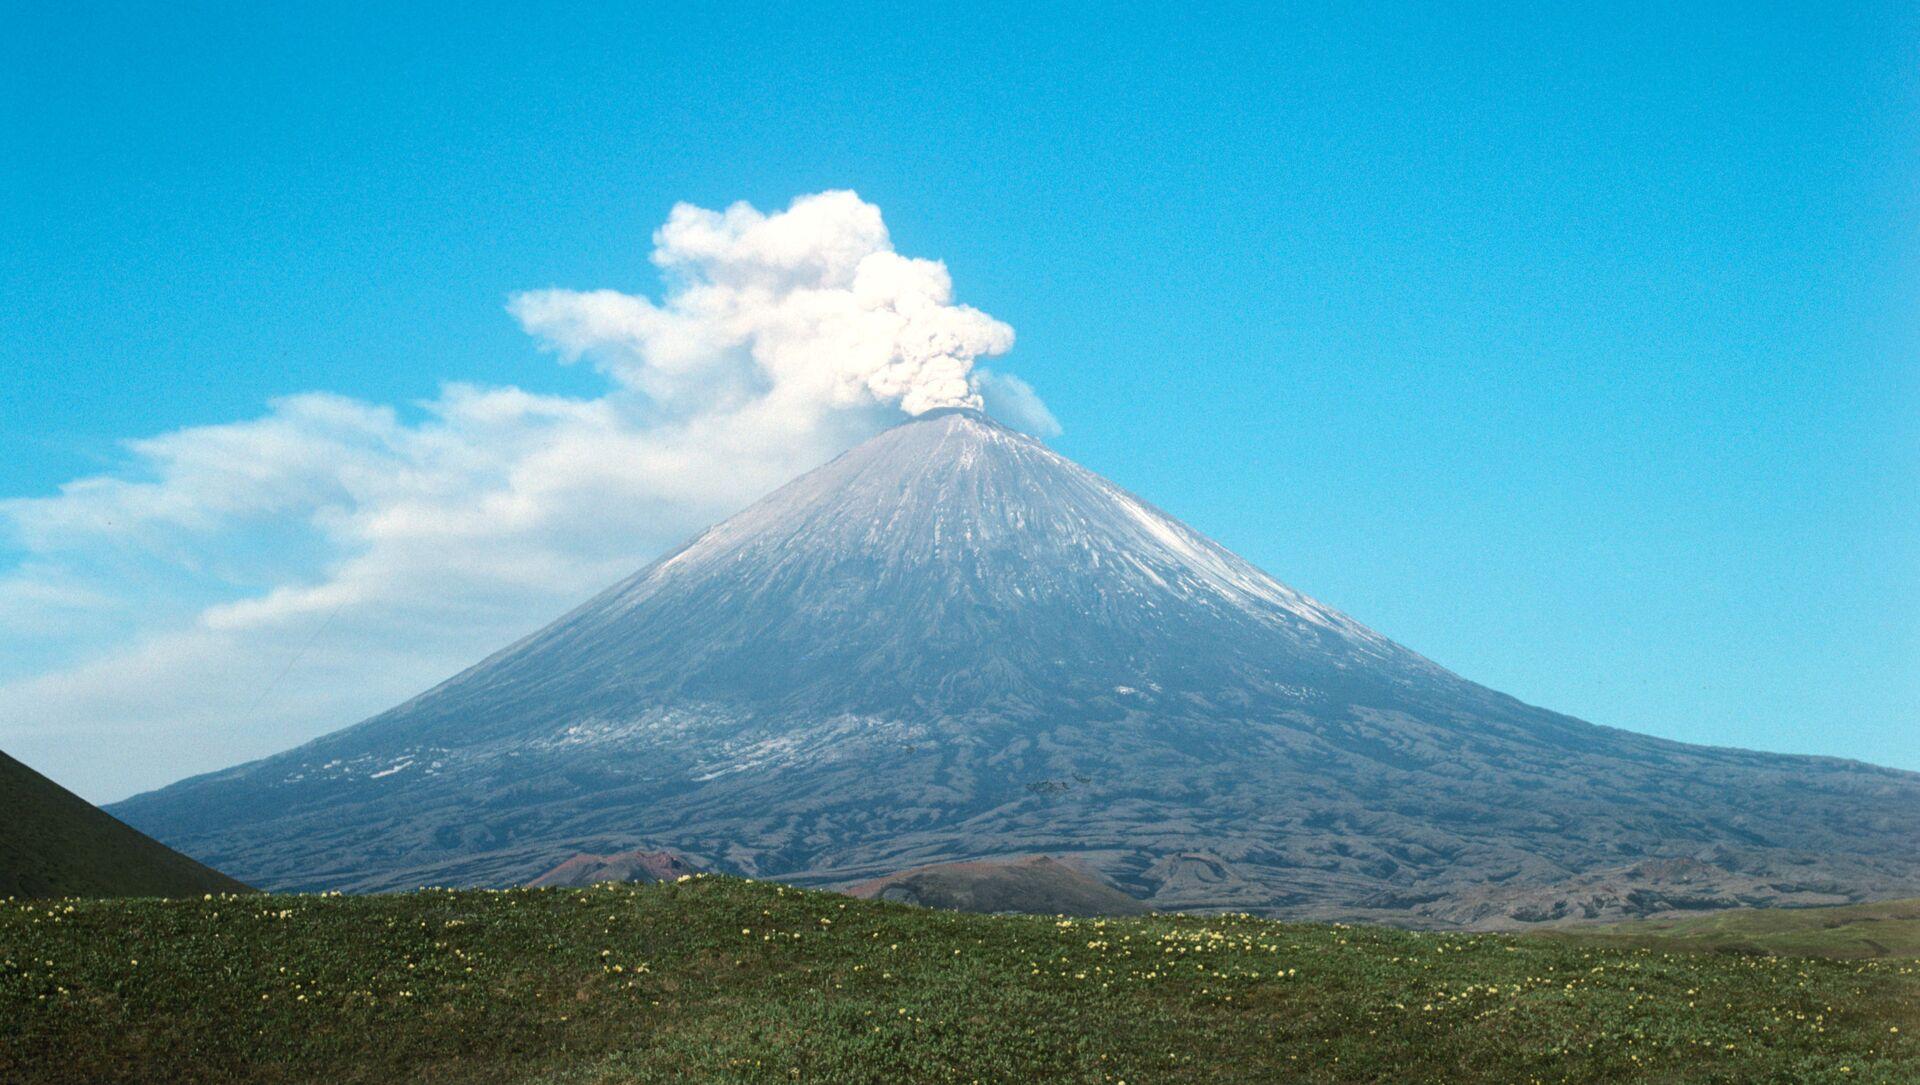 Pogled na aktivni vulkan Ključevskaja sopka na Kamčatki - Sputnik Srbija, 1920, 03.03.2021